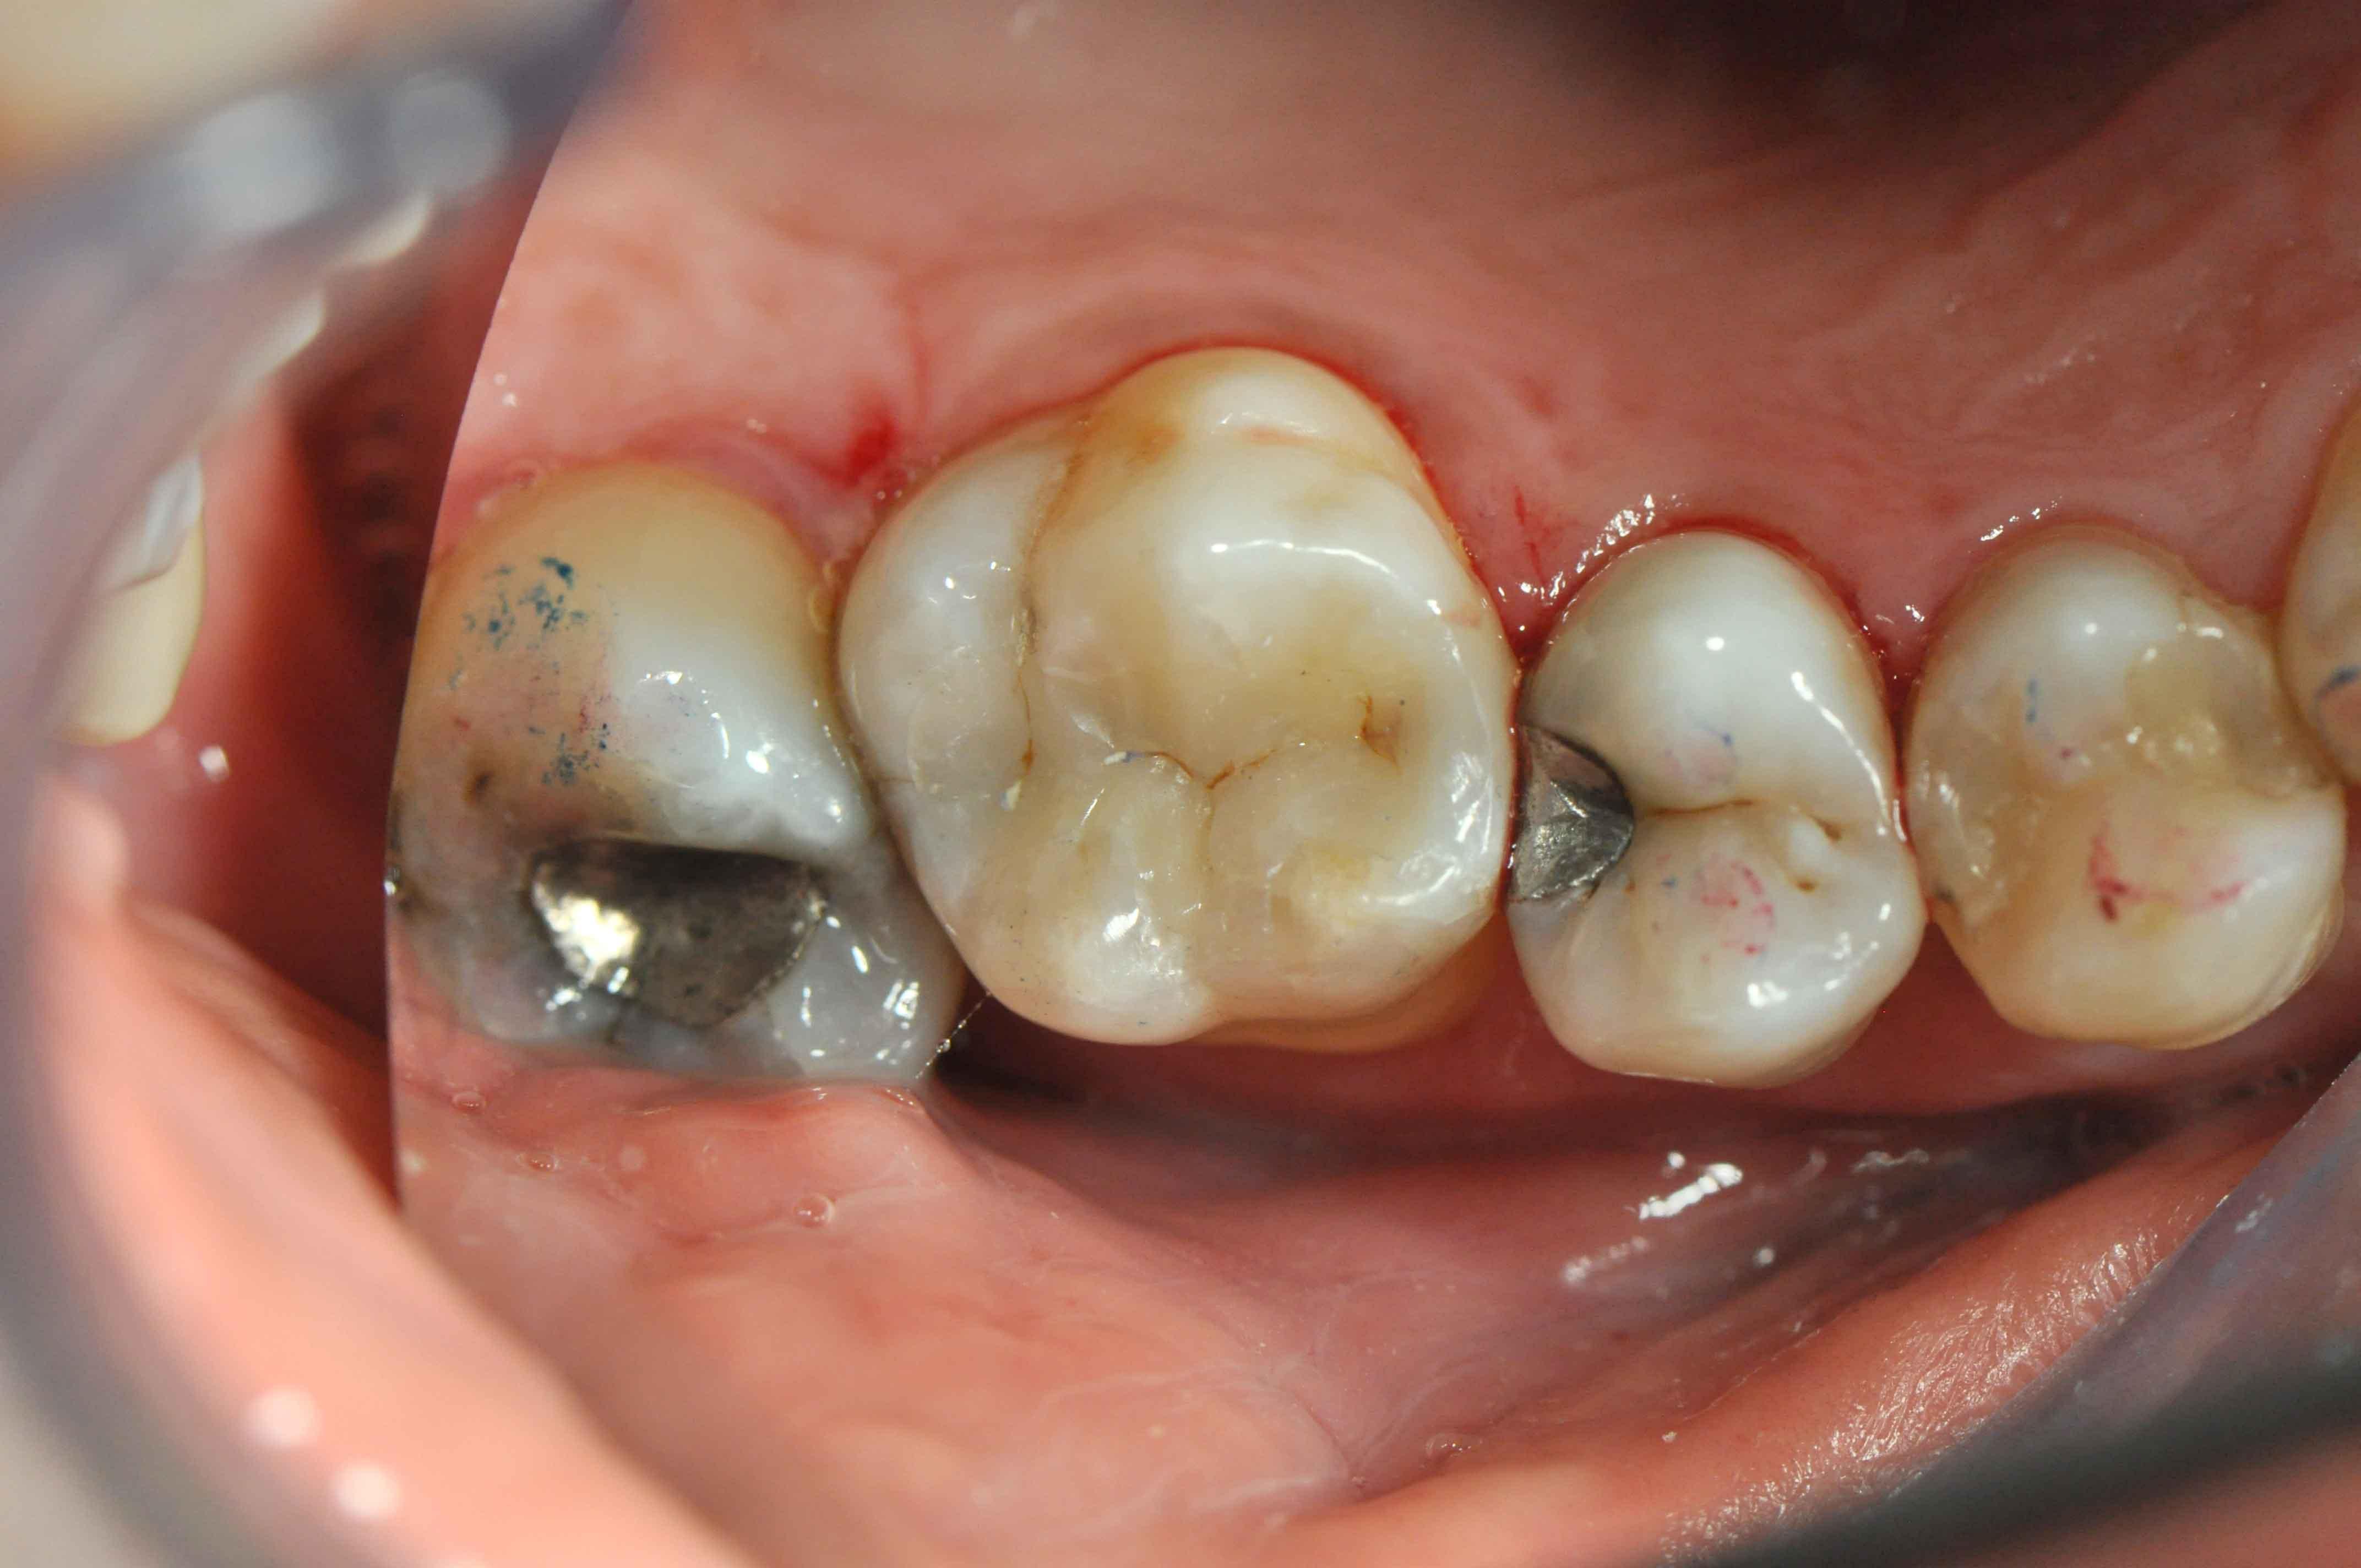 accanto all'otturazione in amalgama d'argento c'e` una piccola decalcificazione, sostituendo l'otturazione il dente e` risanato e sigillato per molti anni.